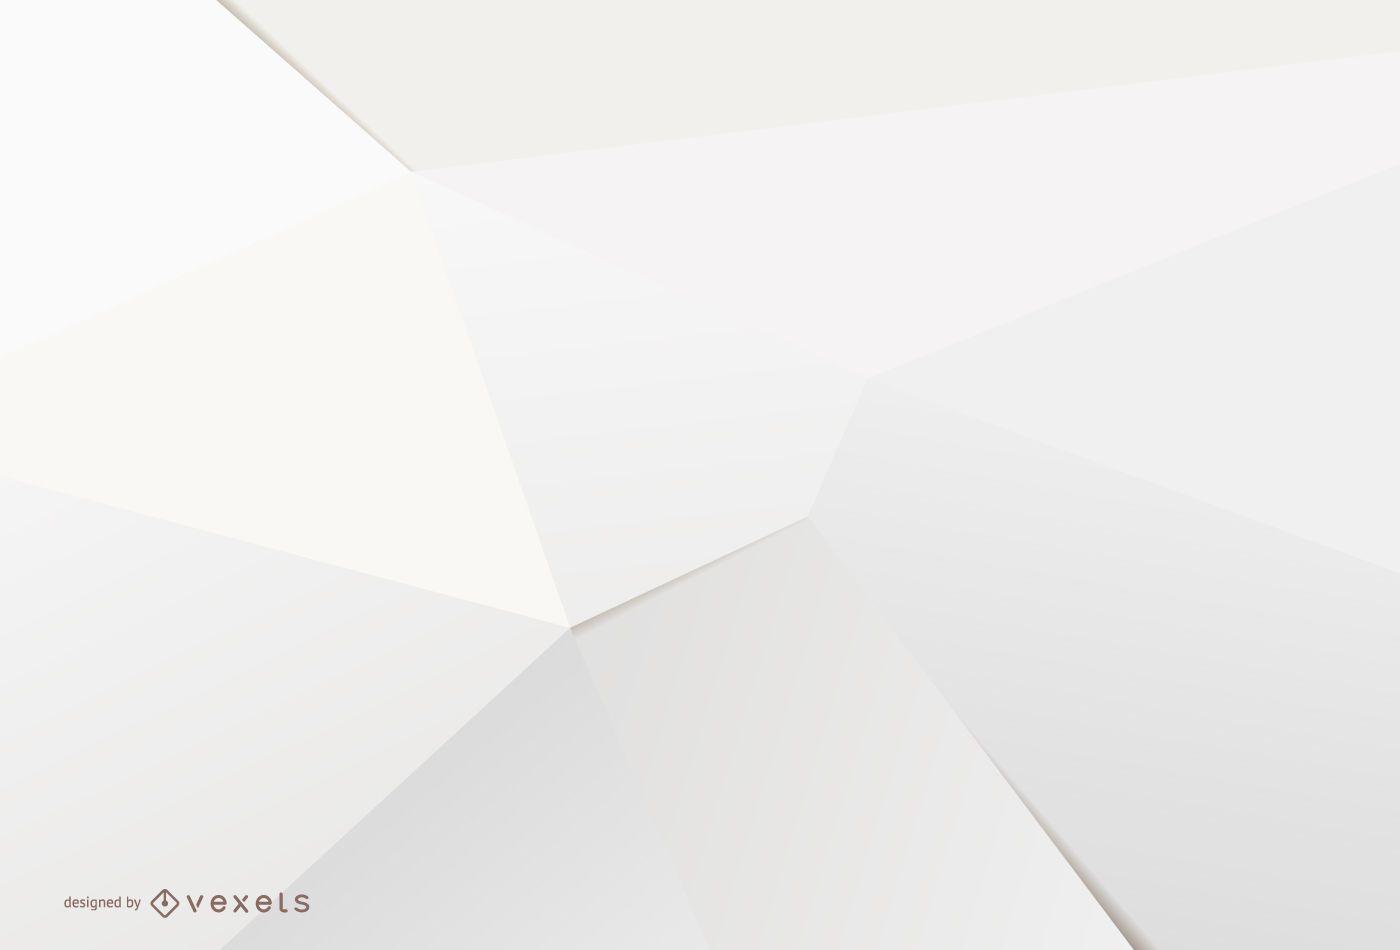 Minimalist 3D white background